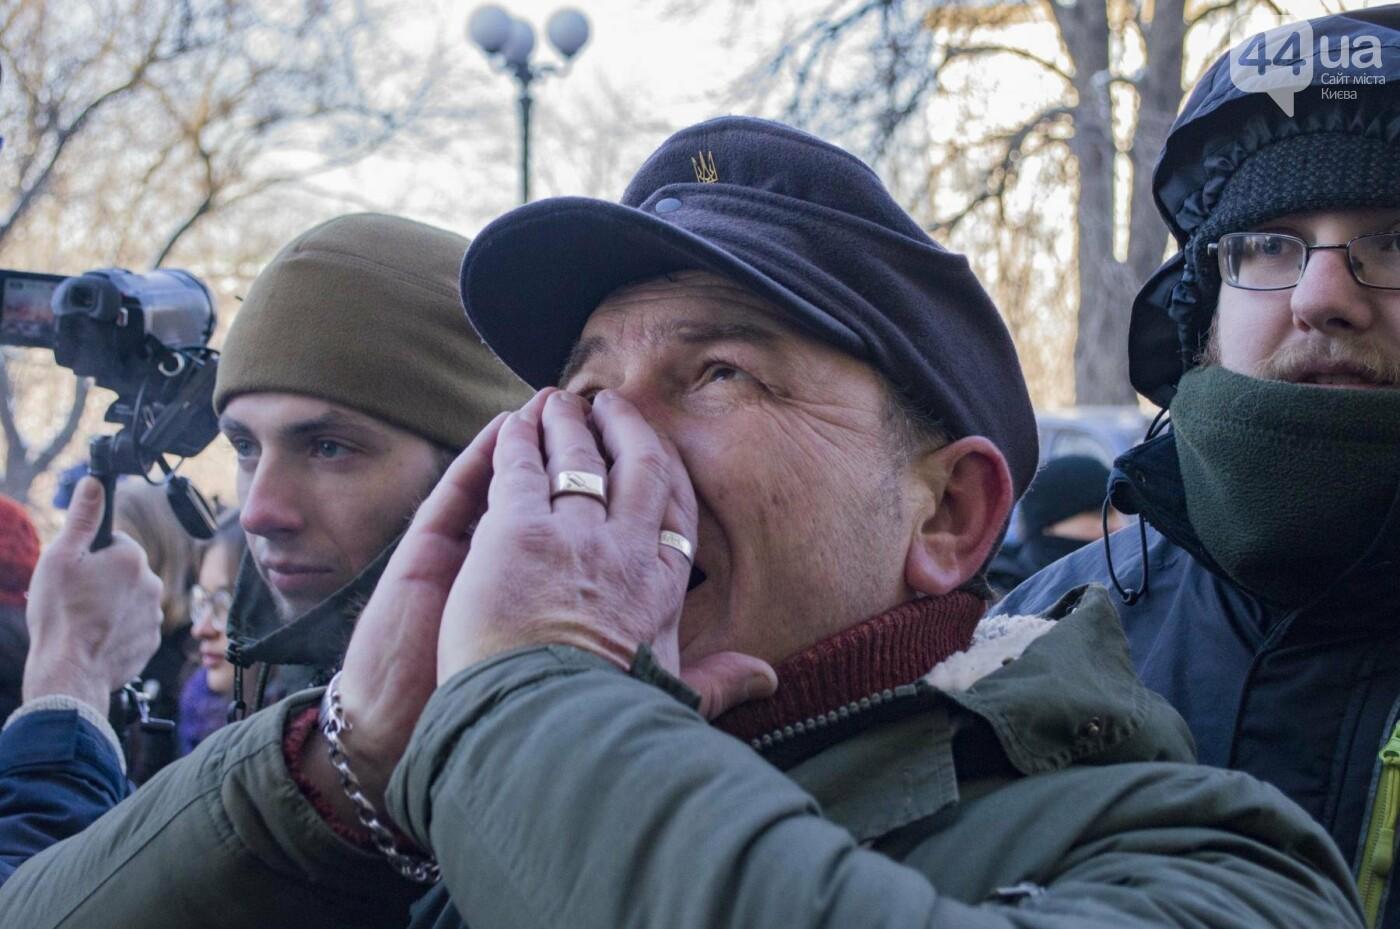 В Киеве прошла акция с требованием уволить ведущую и закрыть телеканал (ФОТО), фото-9